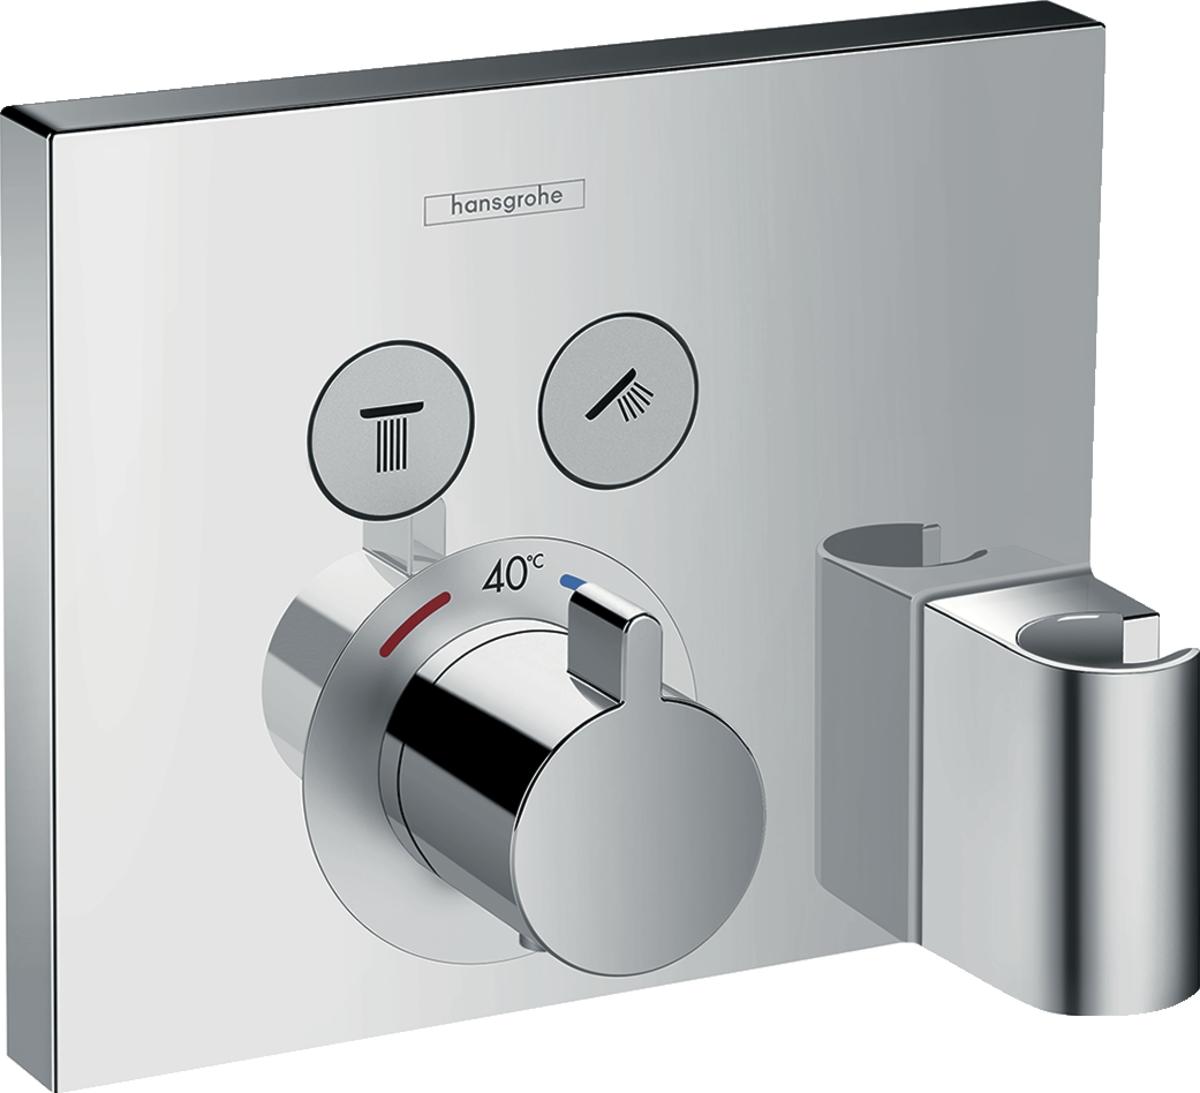 Façade encastrée ShowerSelect E Hansgrohe